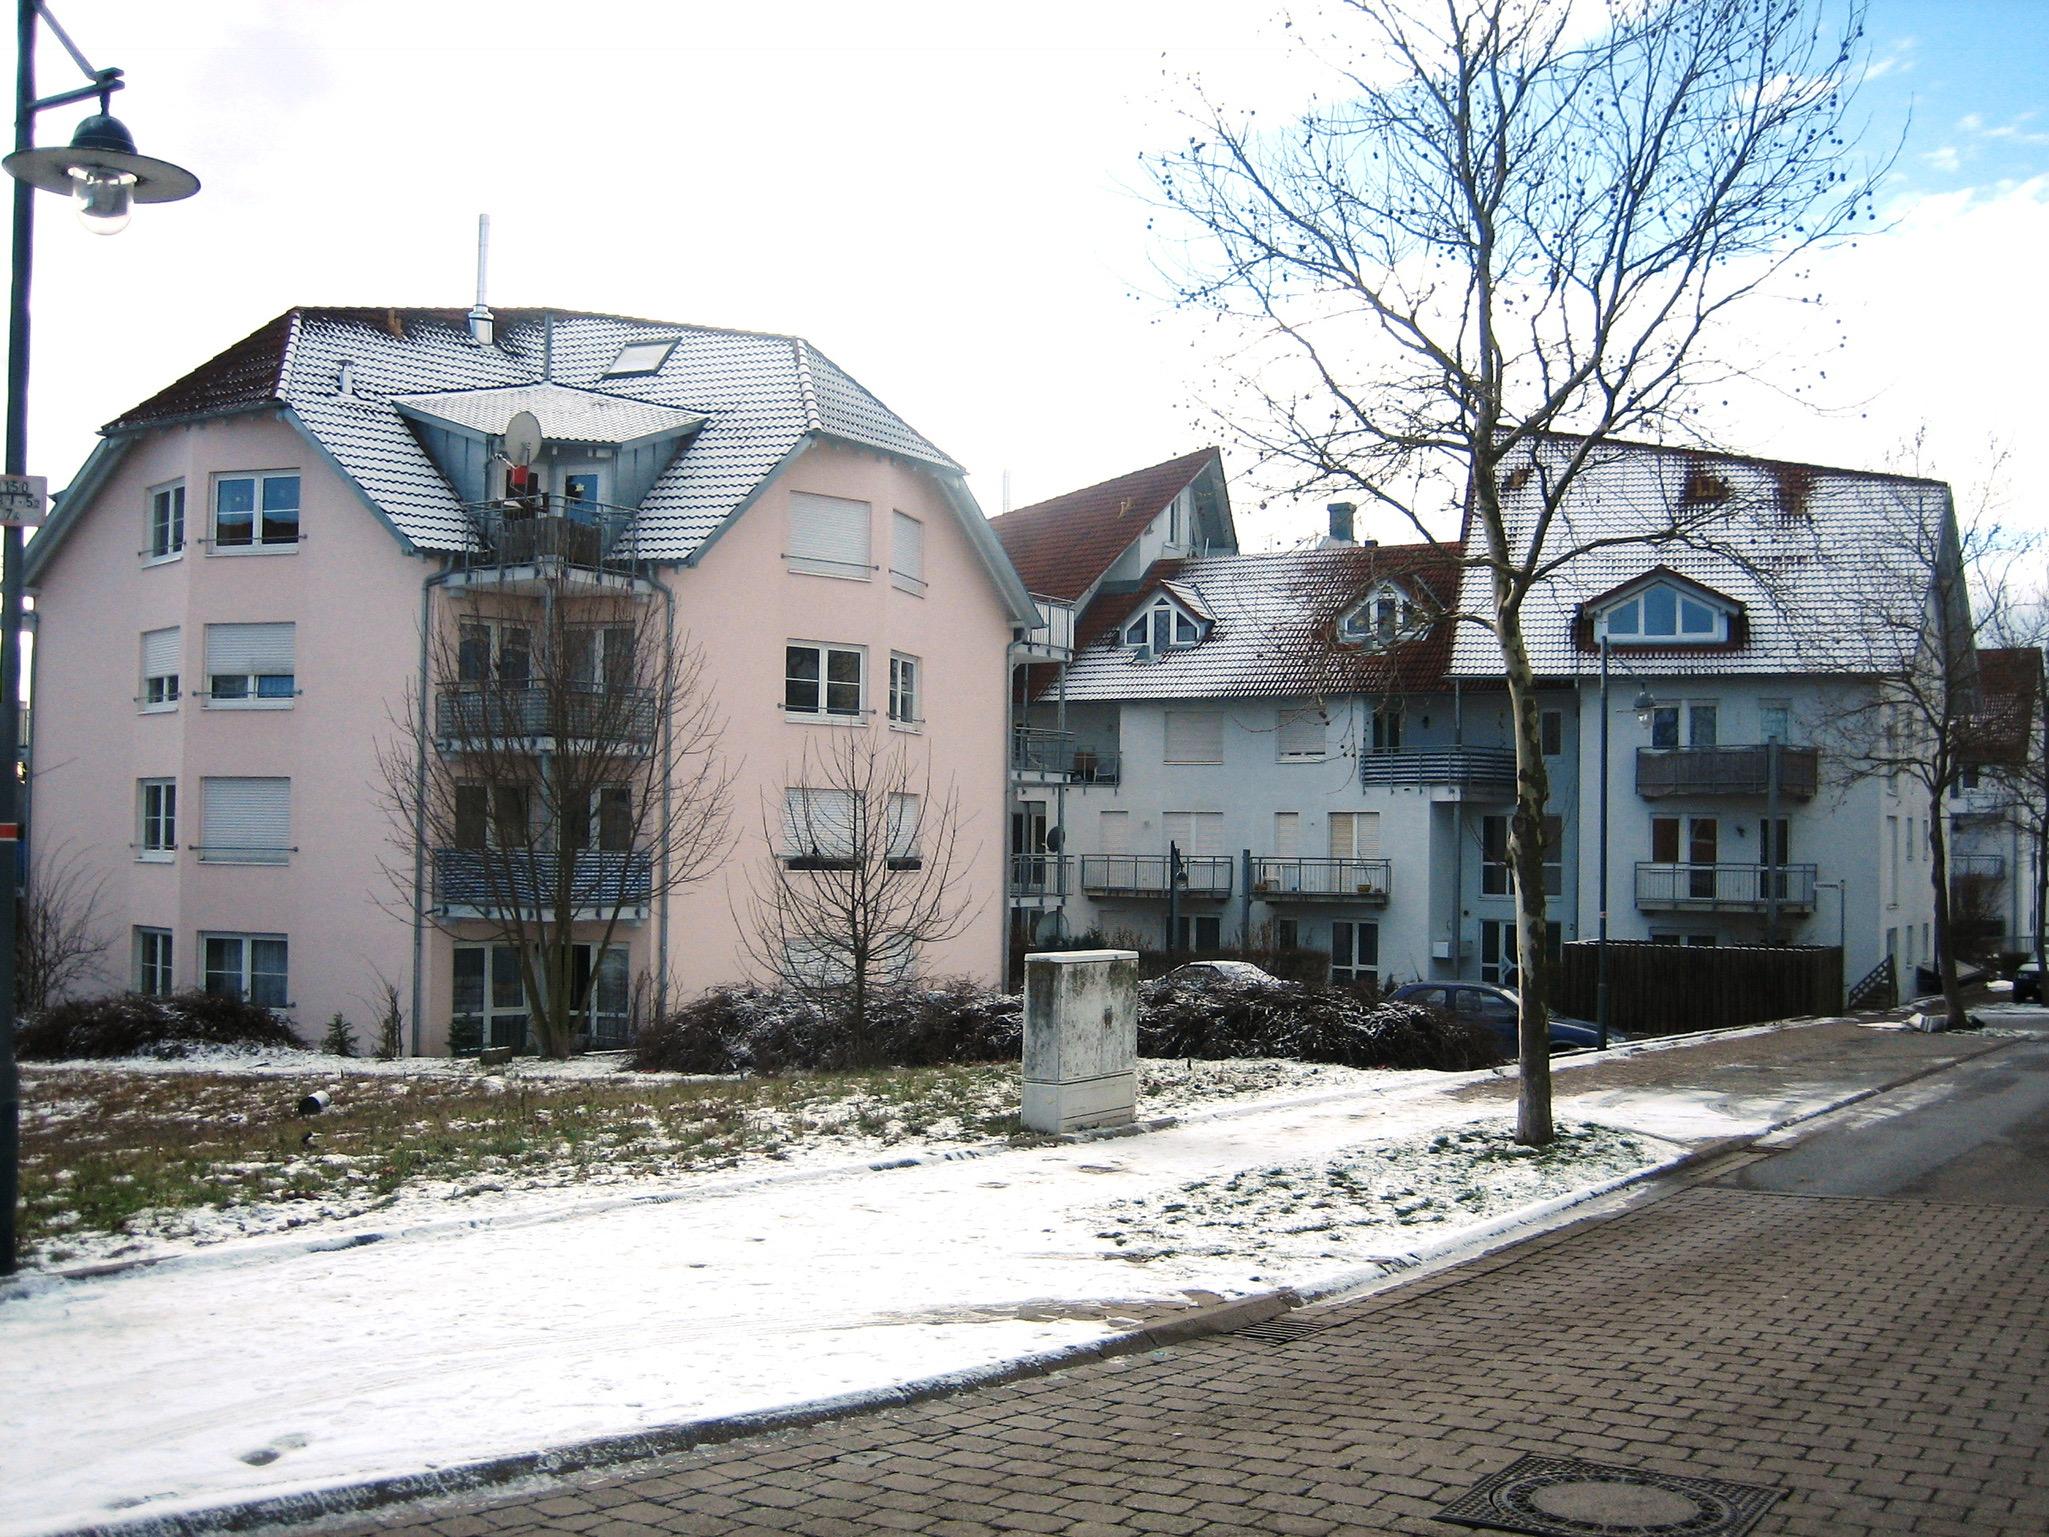 WEG Eschenweg 1, 2, 4, Nagold